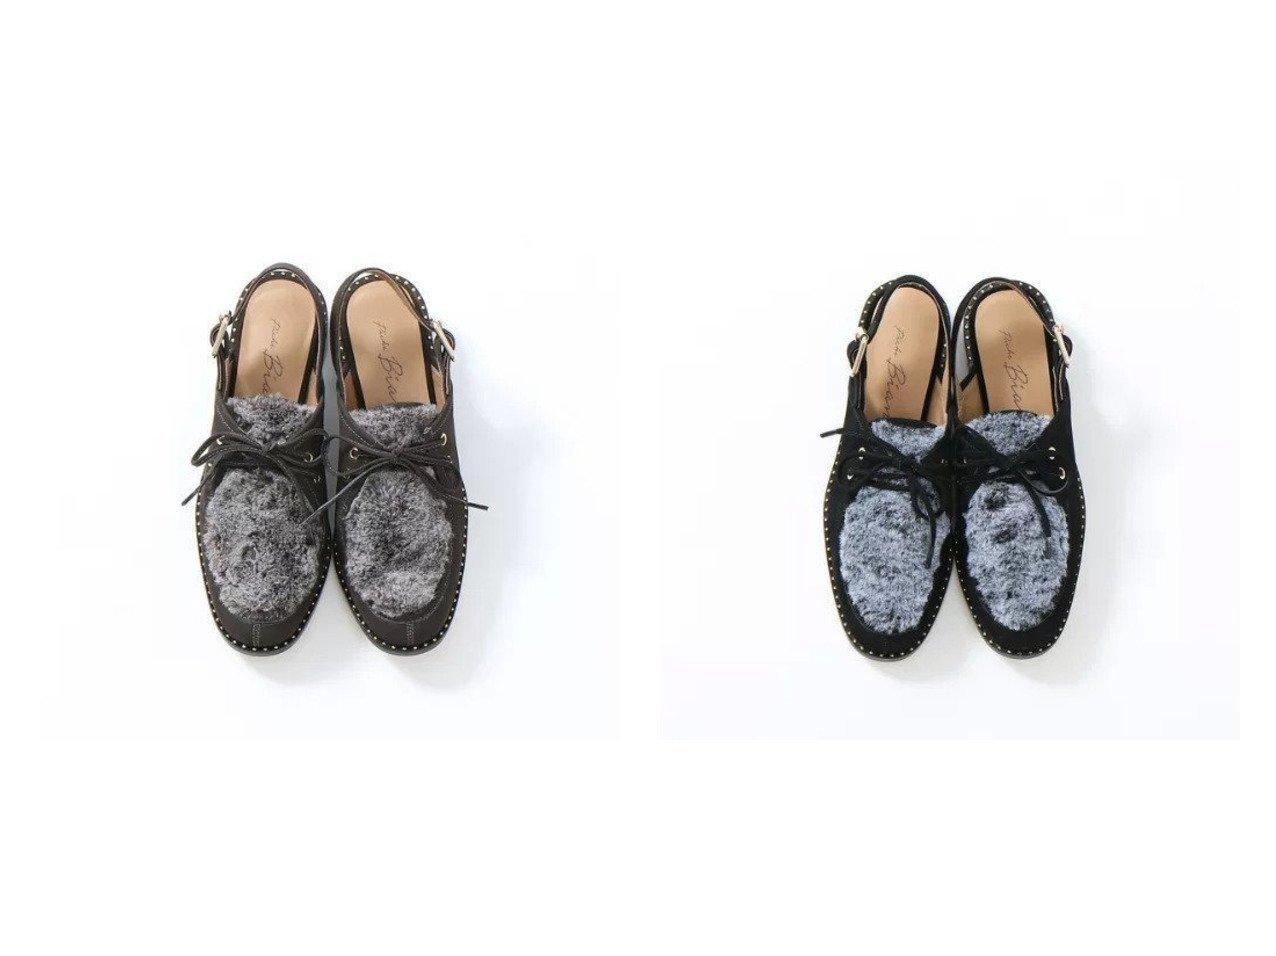 【Piche Abahouse/ピシェ アバハウス】のBiancワラビーファーミュール 【シューズ・靴】おすすめ!人気、トレンド・レディースファッションの通販 おすすめで人気の流行・トレンド、ファッションの通販商品 インテリア・家具・メンズファッション・キッズファッション・レディースファッション・服の通販 founy(ファニー) https://founy.com/ ファッション Fashion レディースファッション WOMEN シューズ トレンド フラット ミュール |ID:crp329100000049947